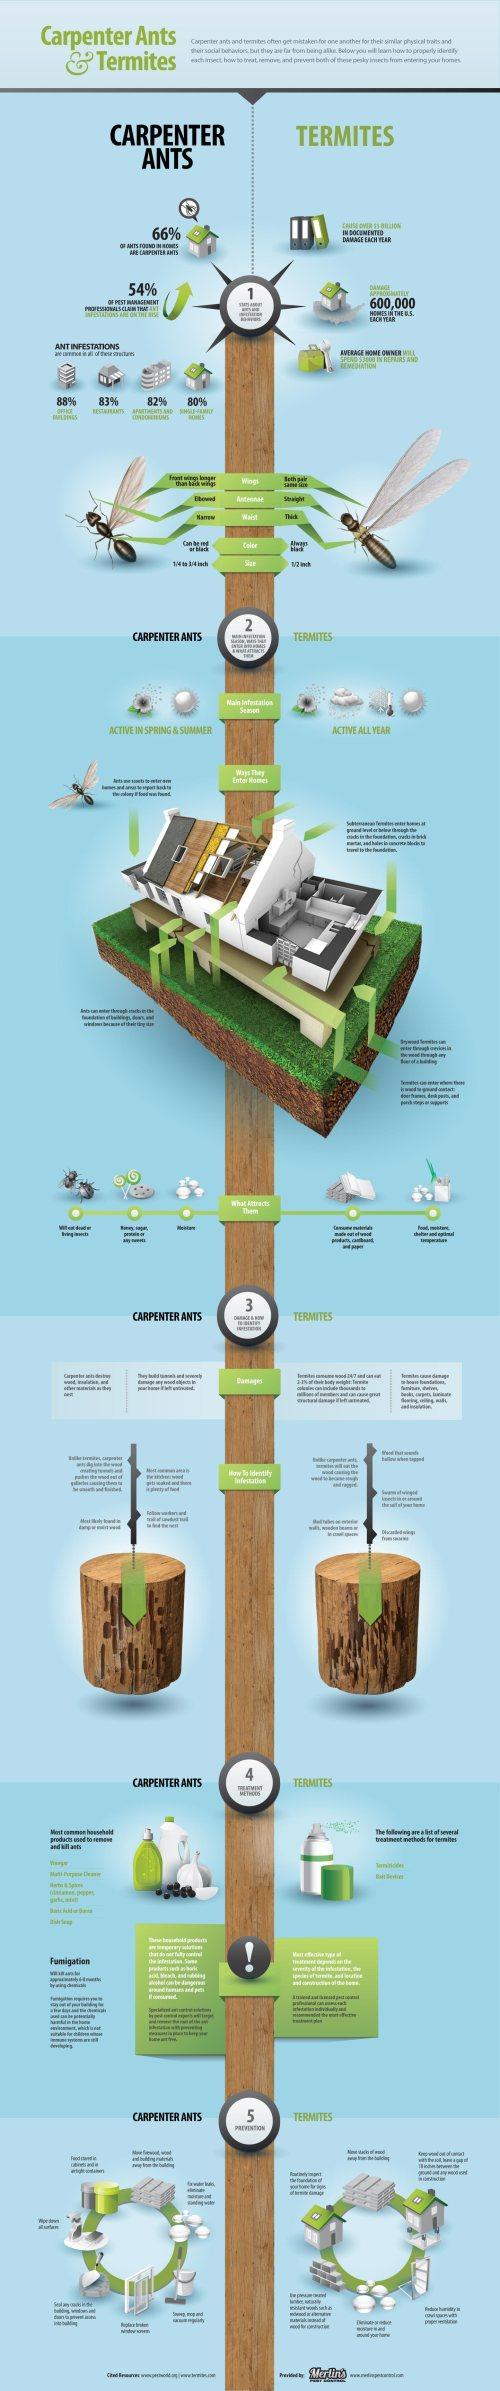 carpenter ants and termites